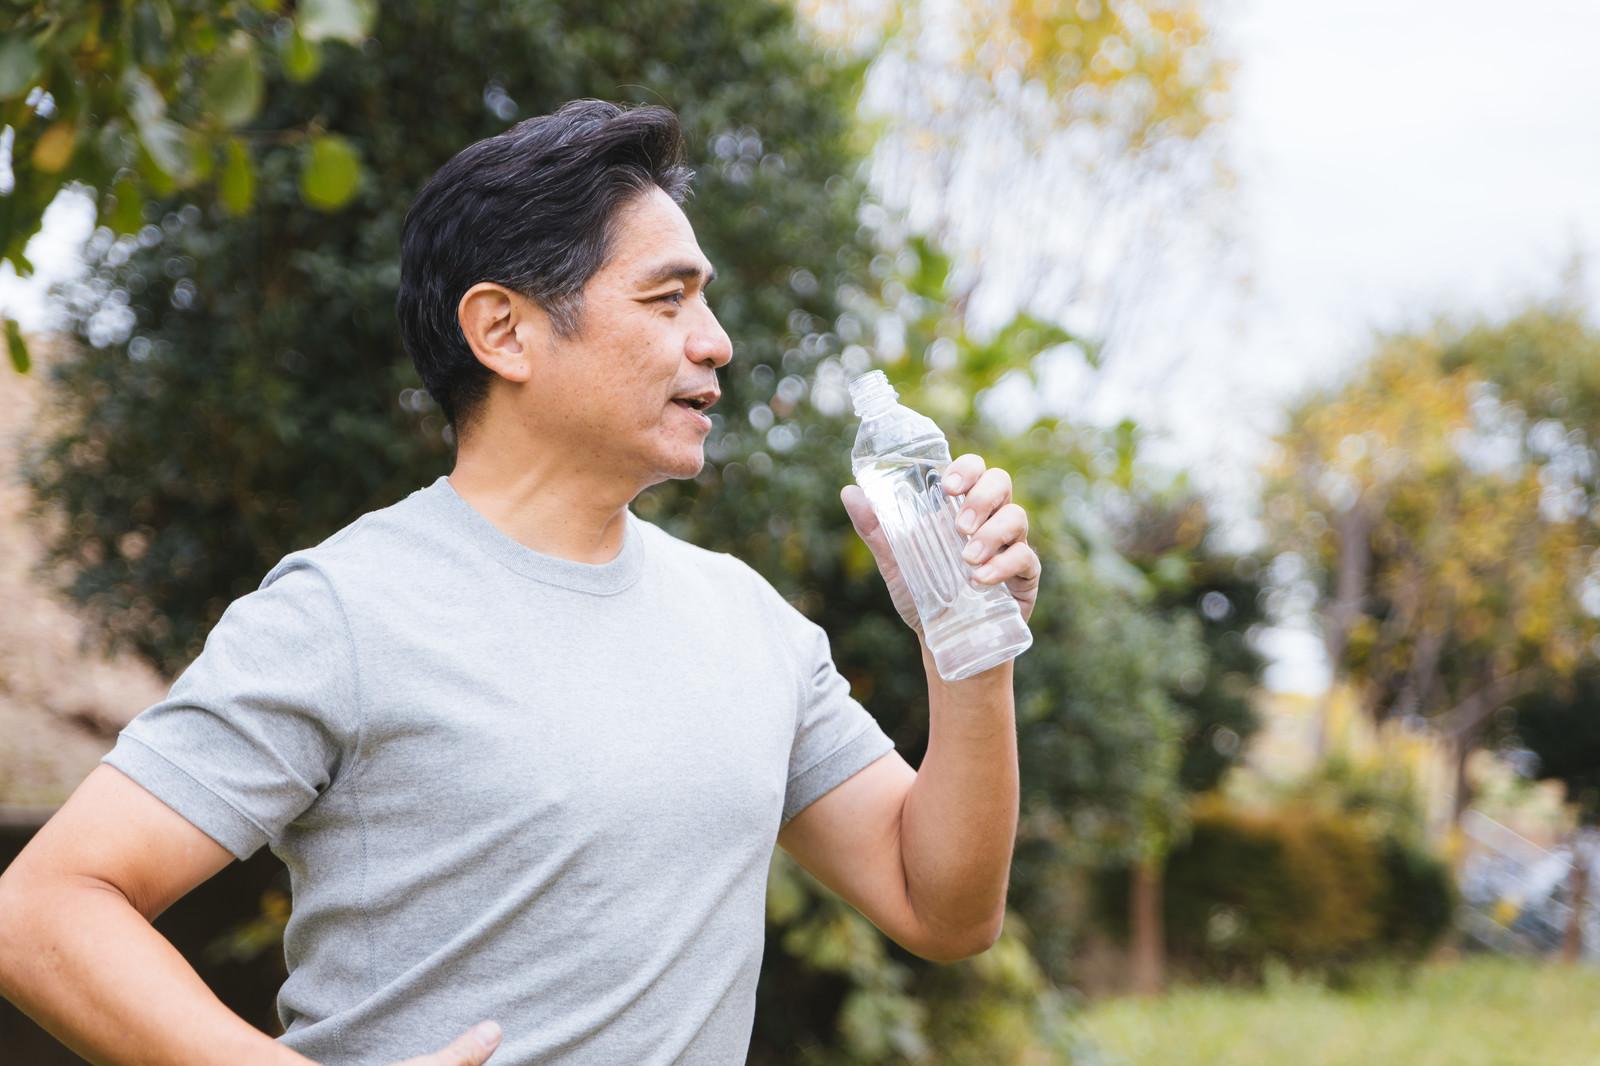 【注意喚起】熱中症予防にスポーツドリンクやジュースを飲むと、血糖が上がり尿が増え脱水症状になり最悪半身不随や死ぬ可能性も!